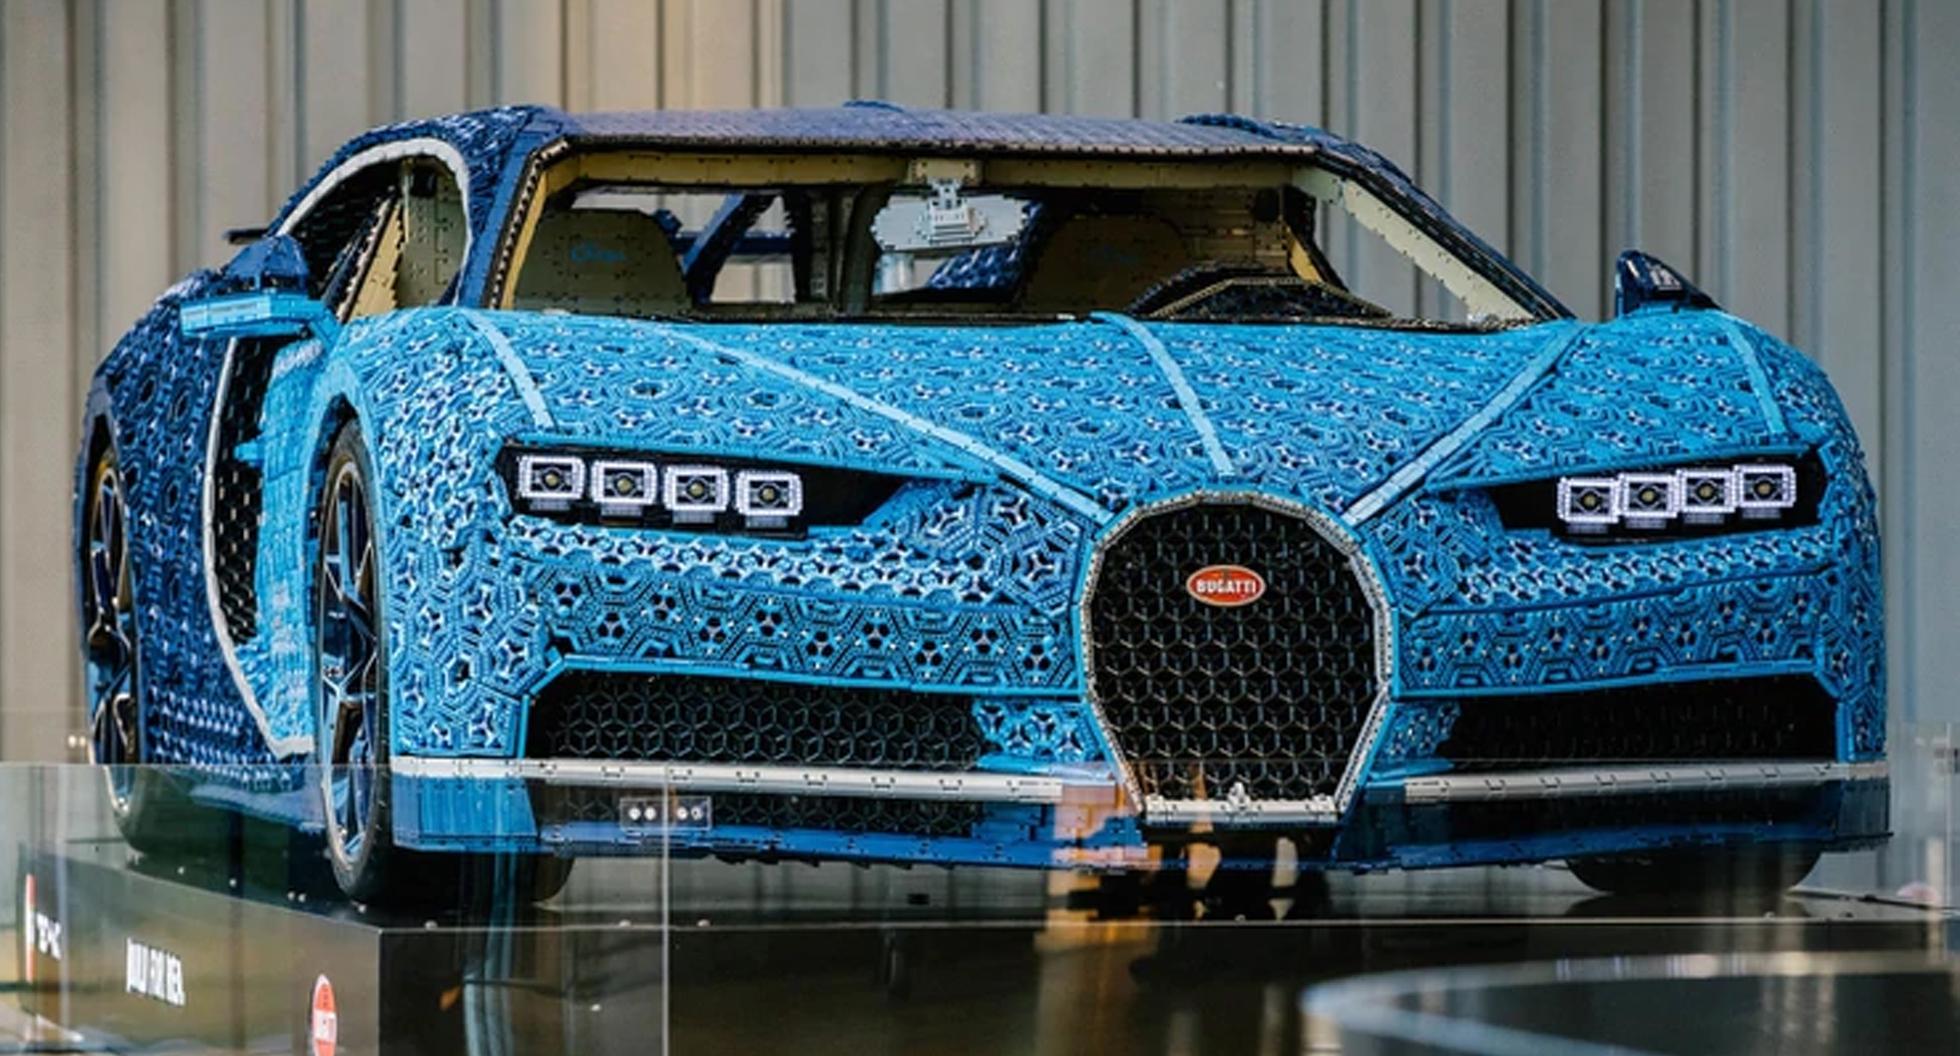 Cinco millones de piezas en 12 autos: las mejores modelos construidos con Lego en tamaño real